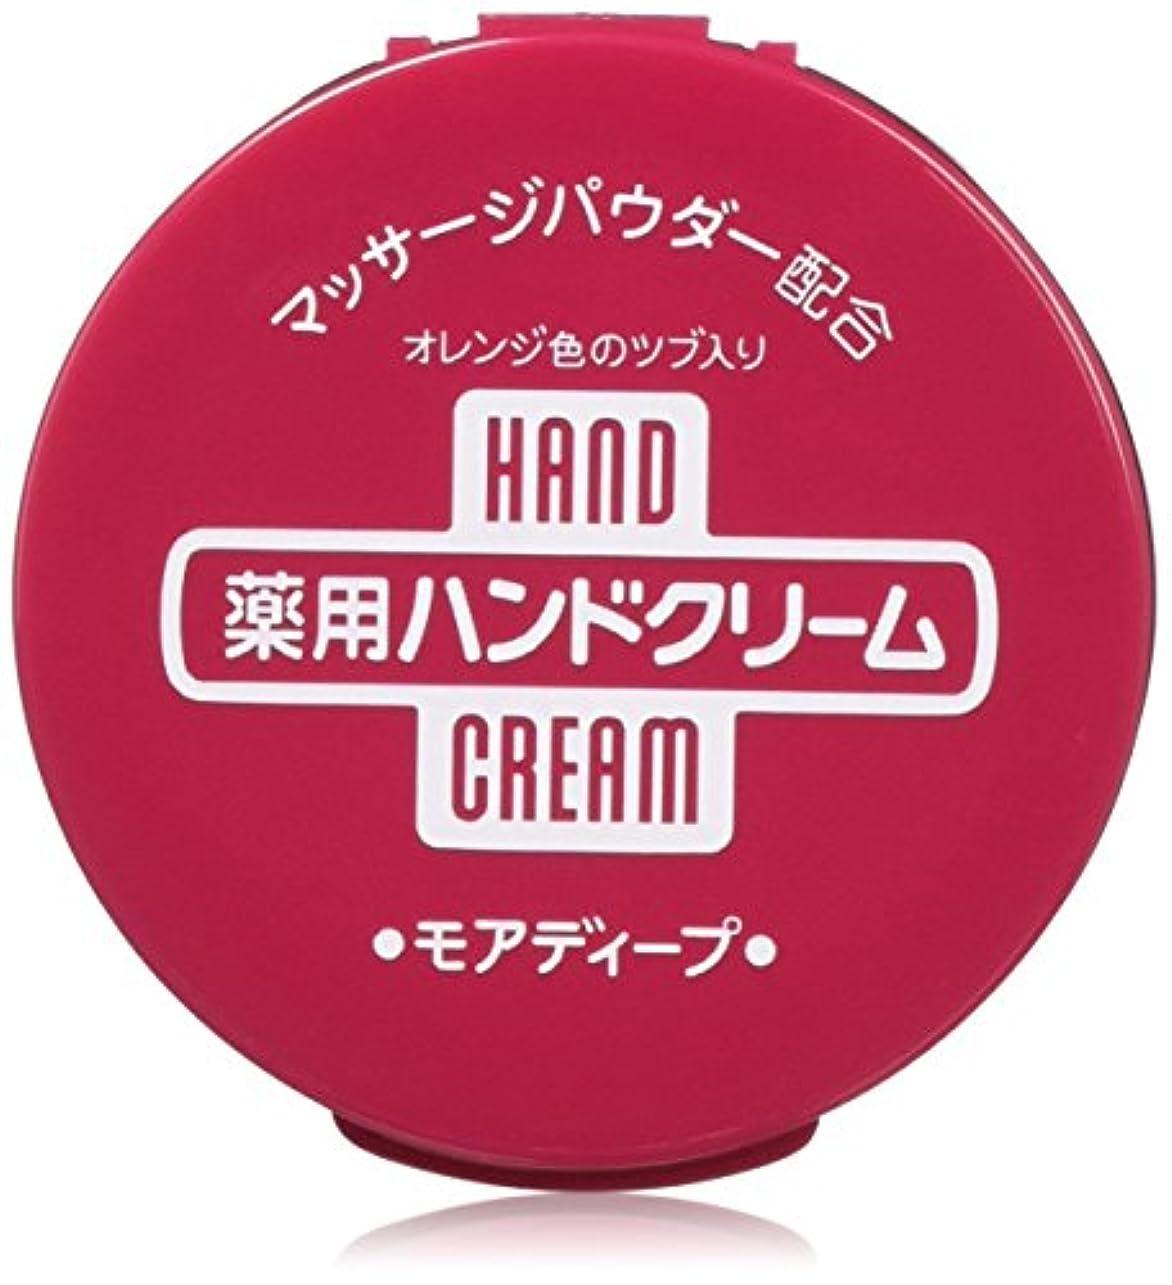 グラム黙冗長【まとめ買い】薬用ハンドクリーム モアディープ 100g×12個